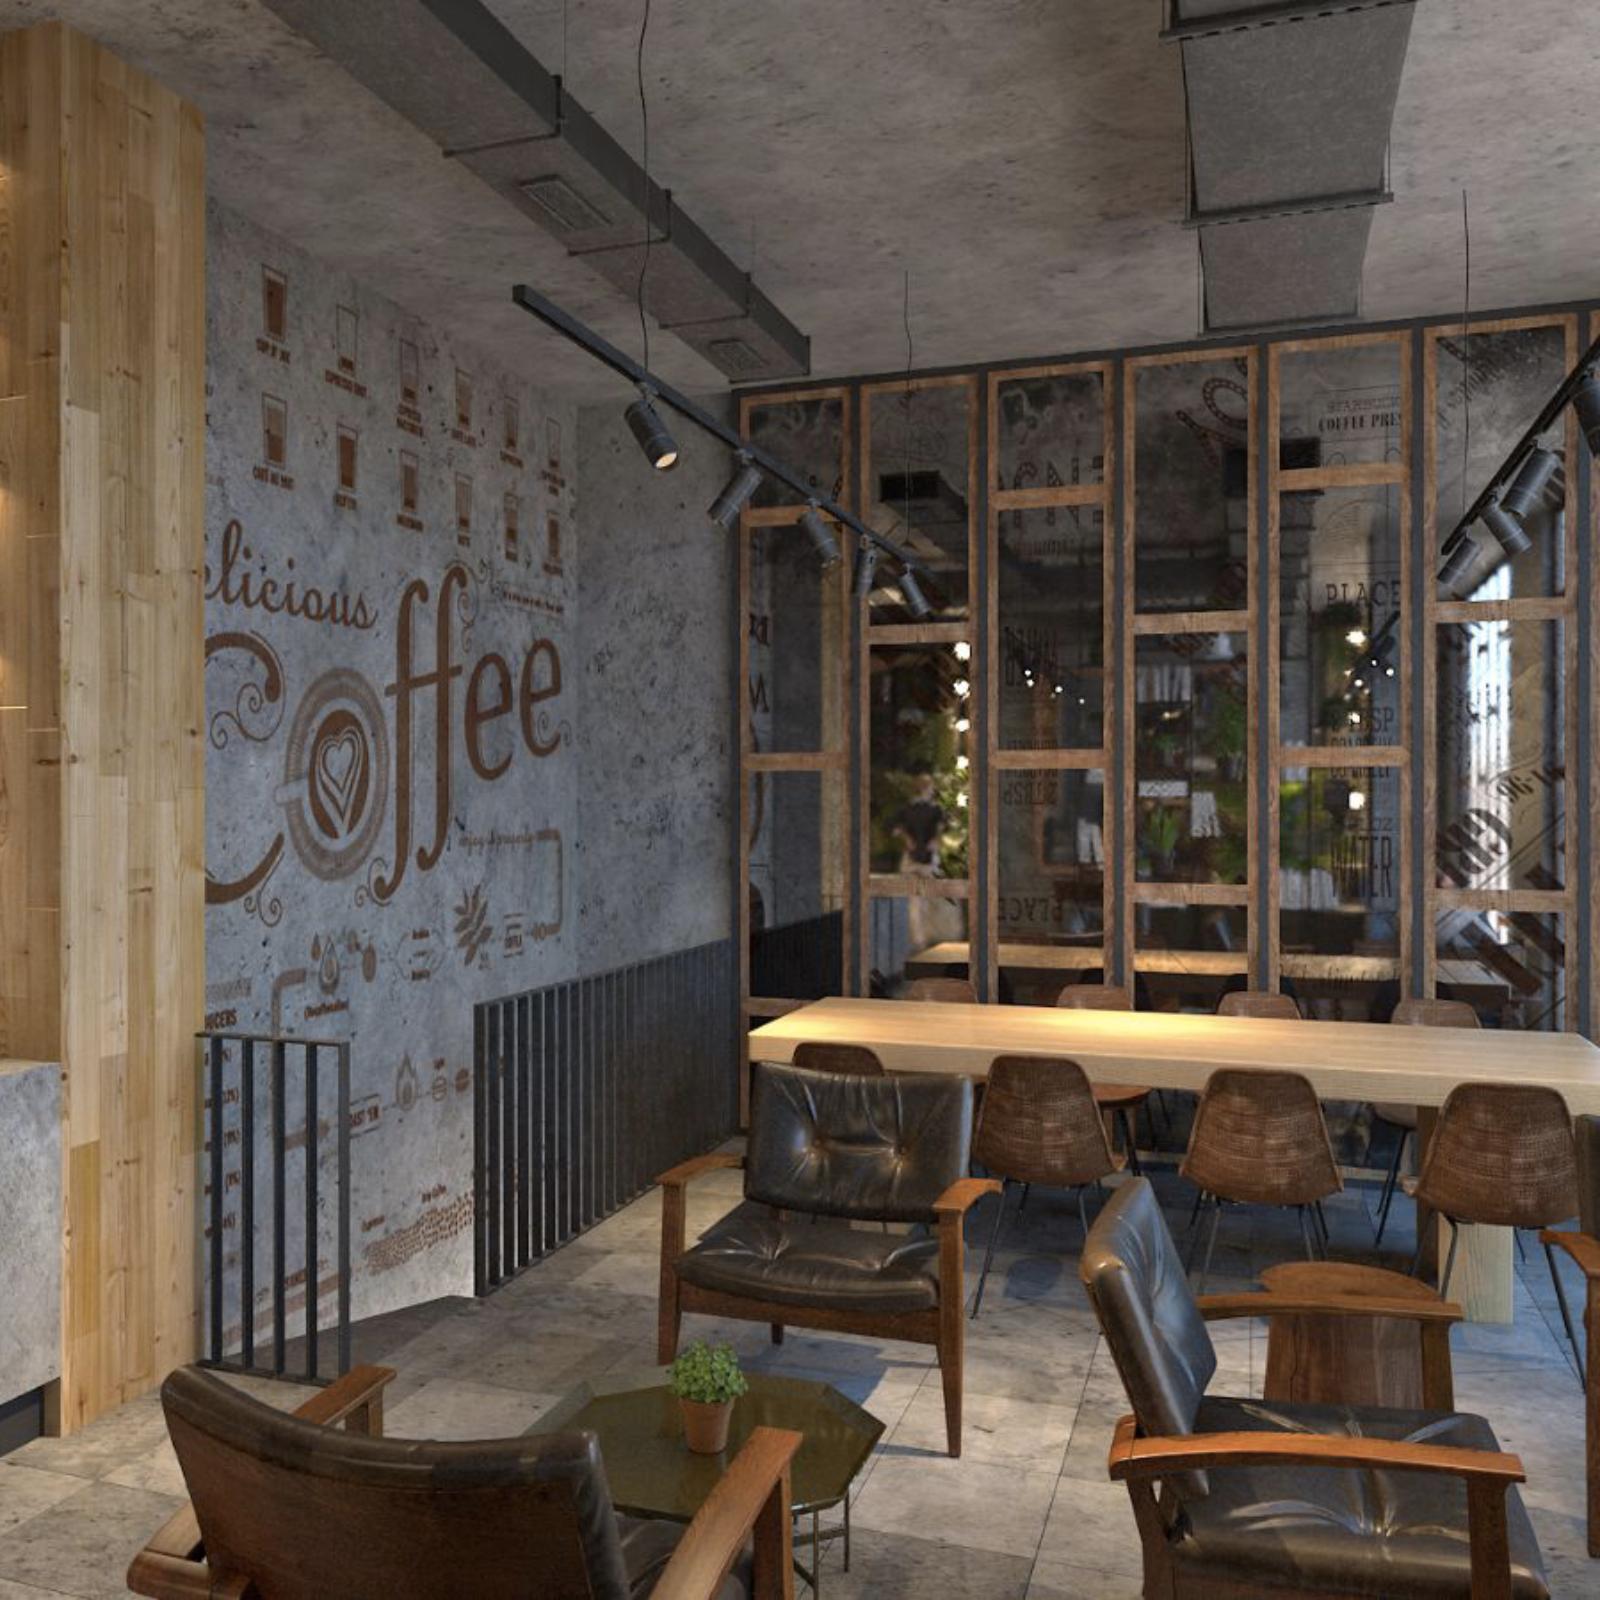 El Colombiano Cafe